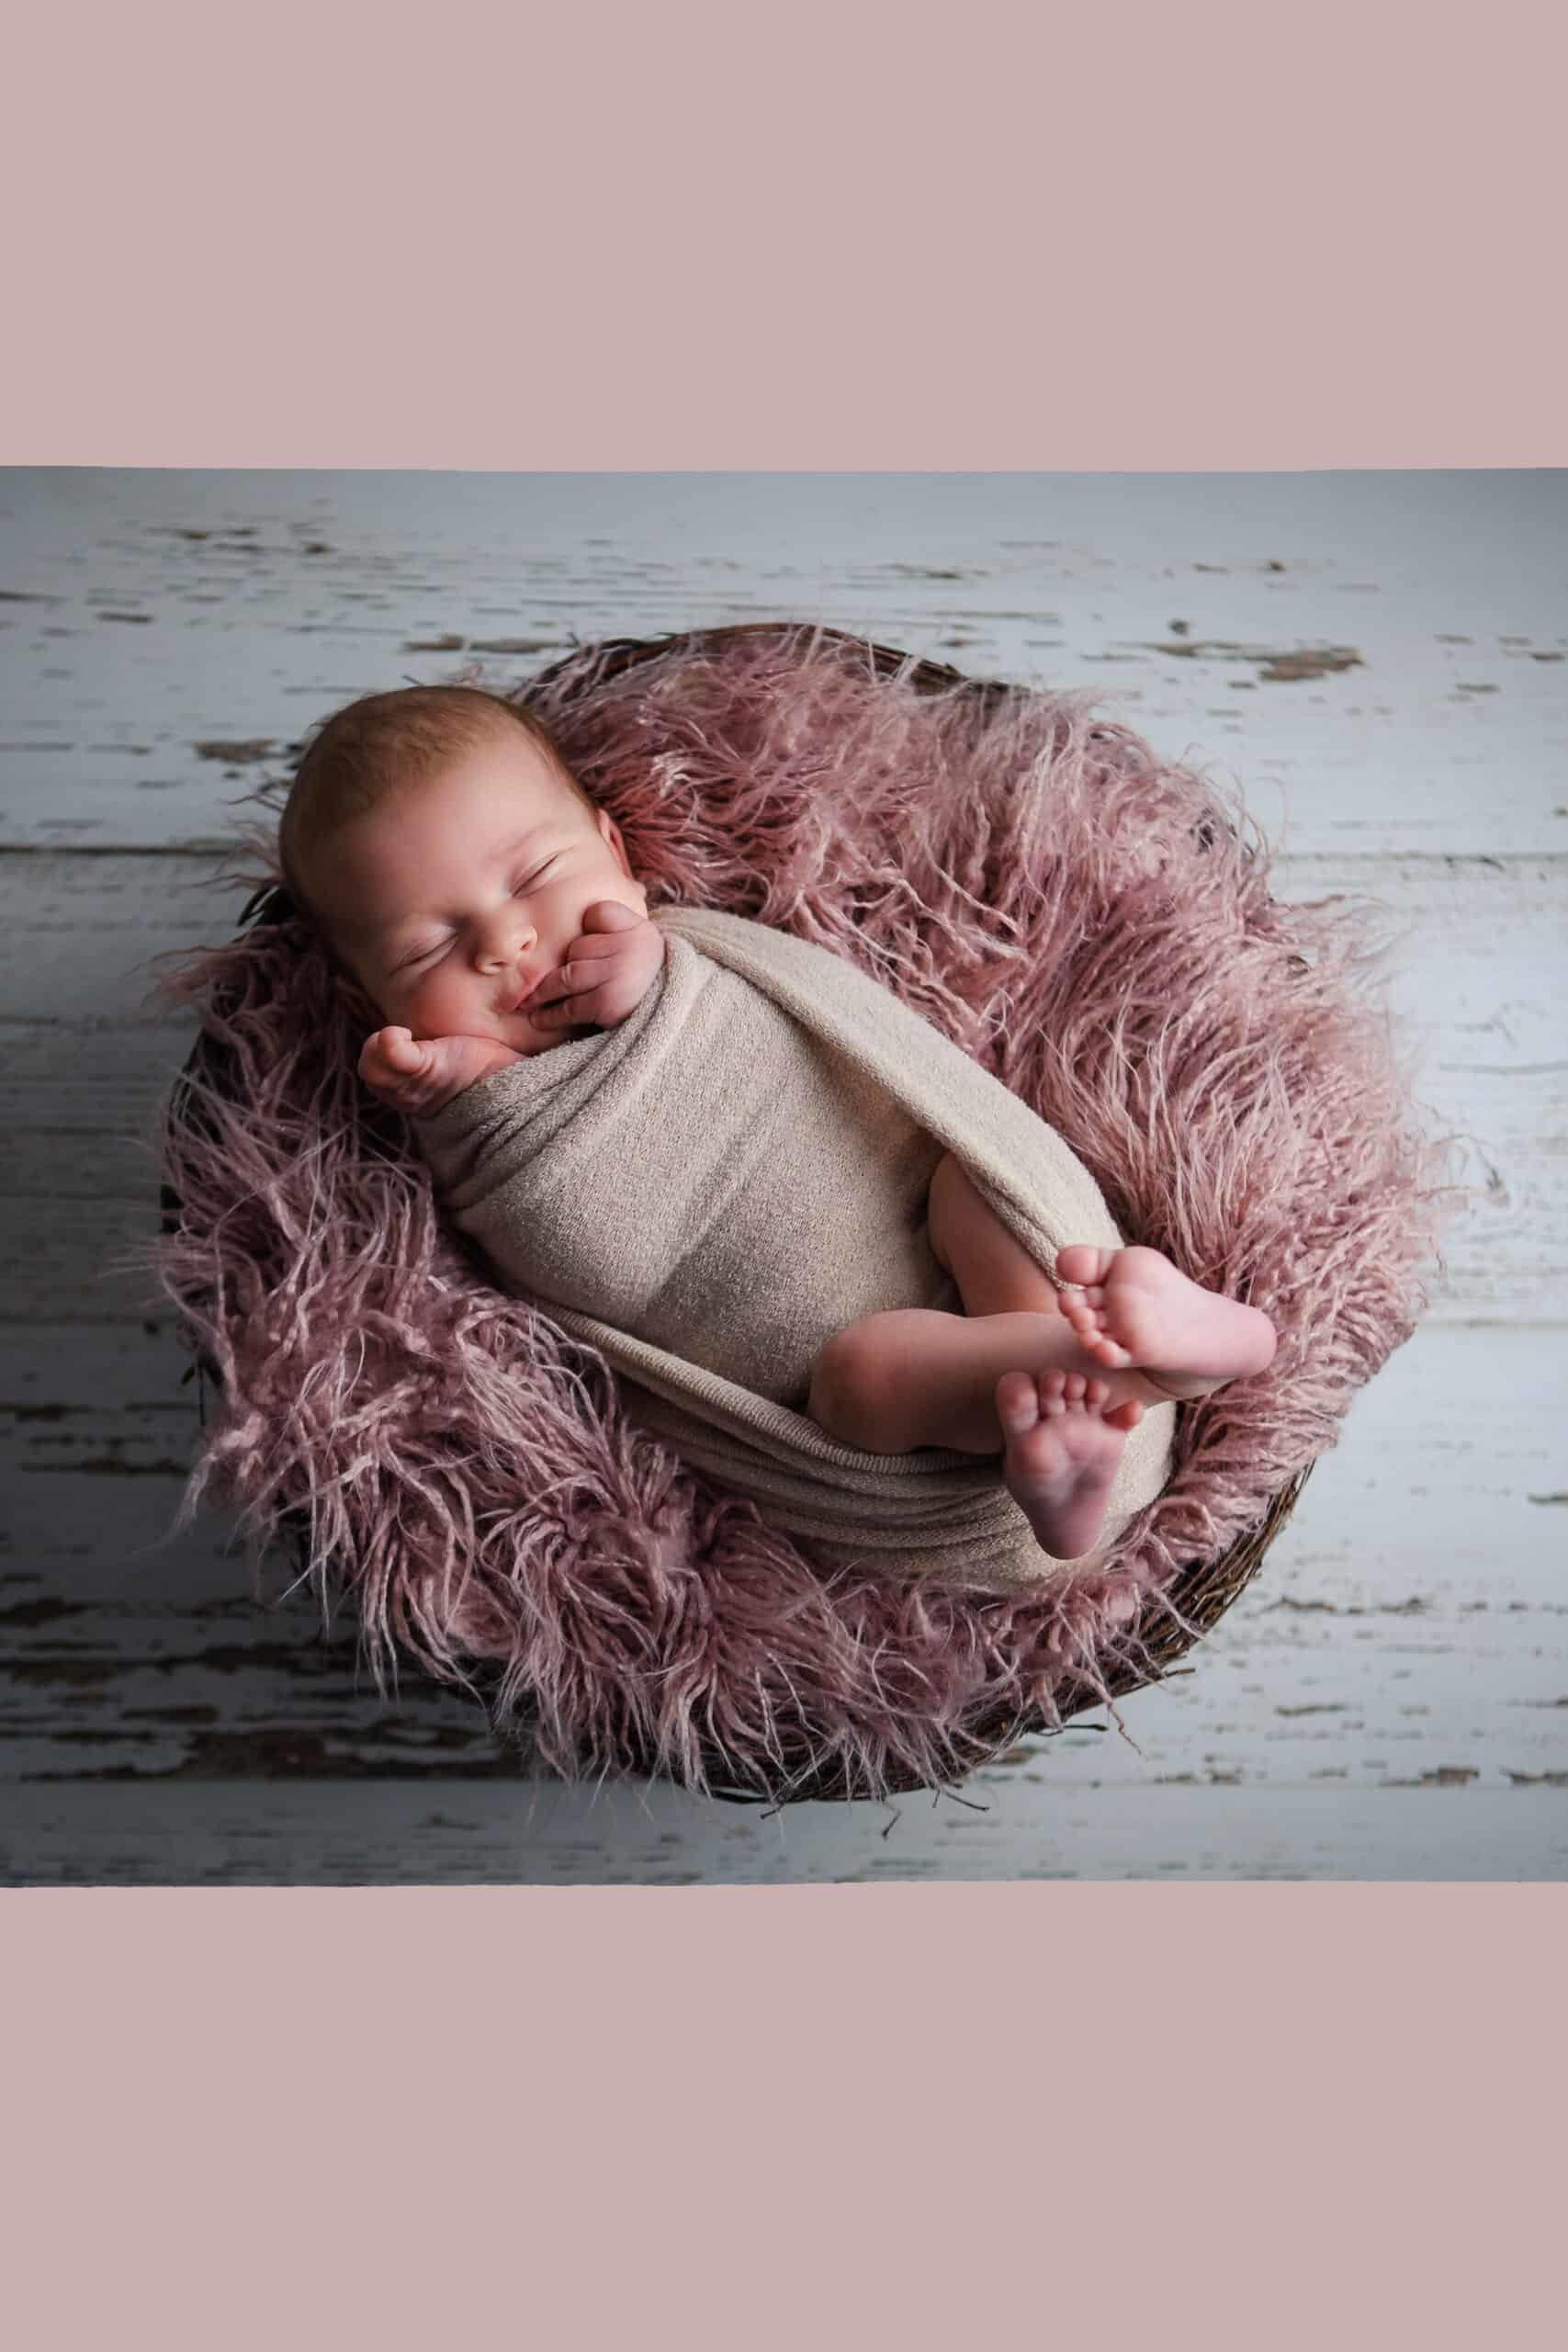 Babybauchbilder - Newbornfotografie Paarshootings - Familienportraits